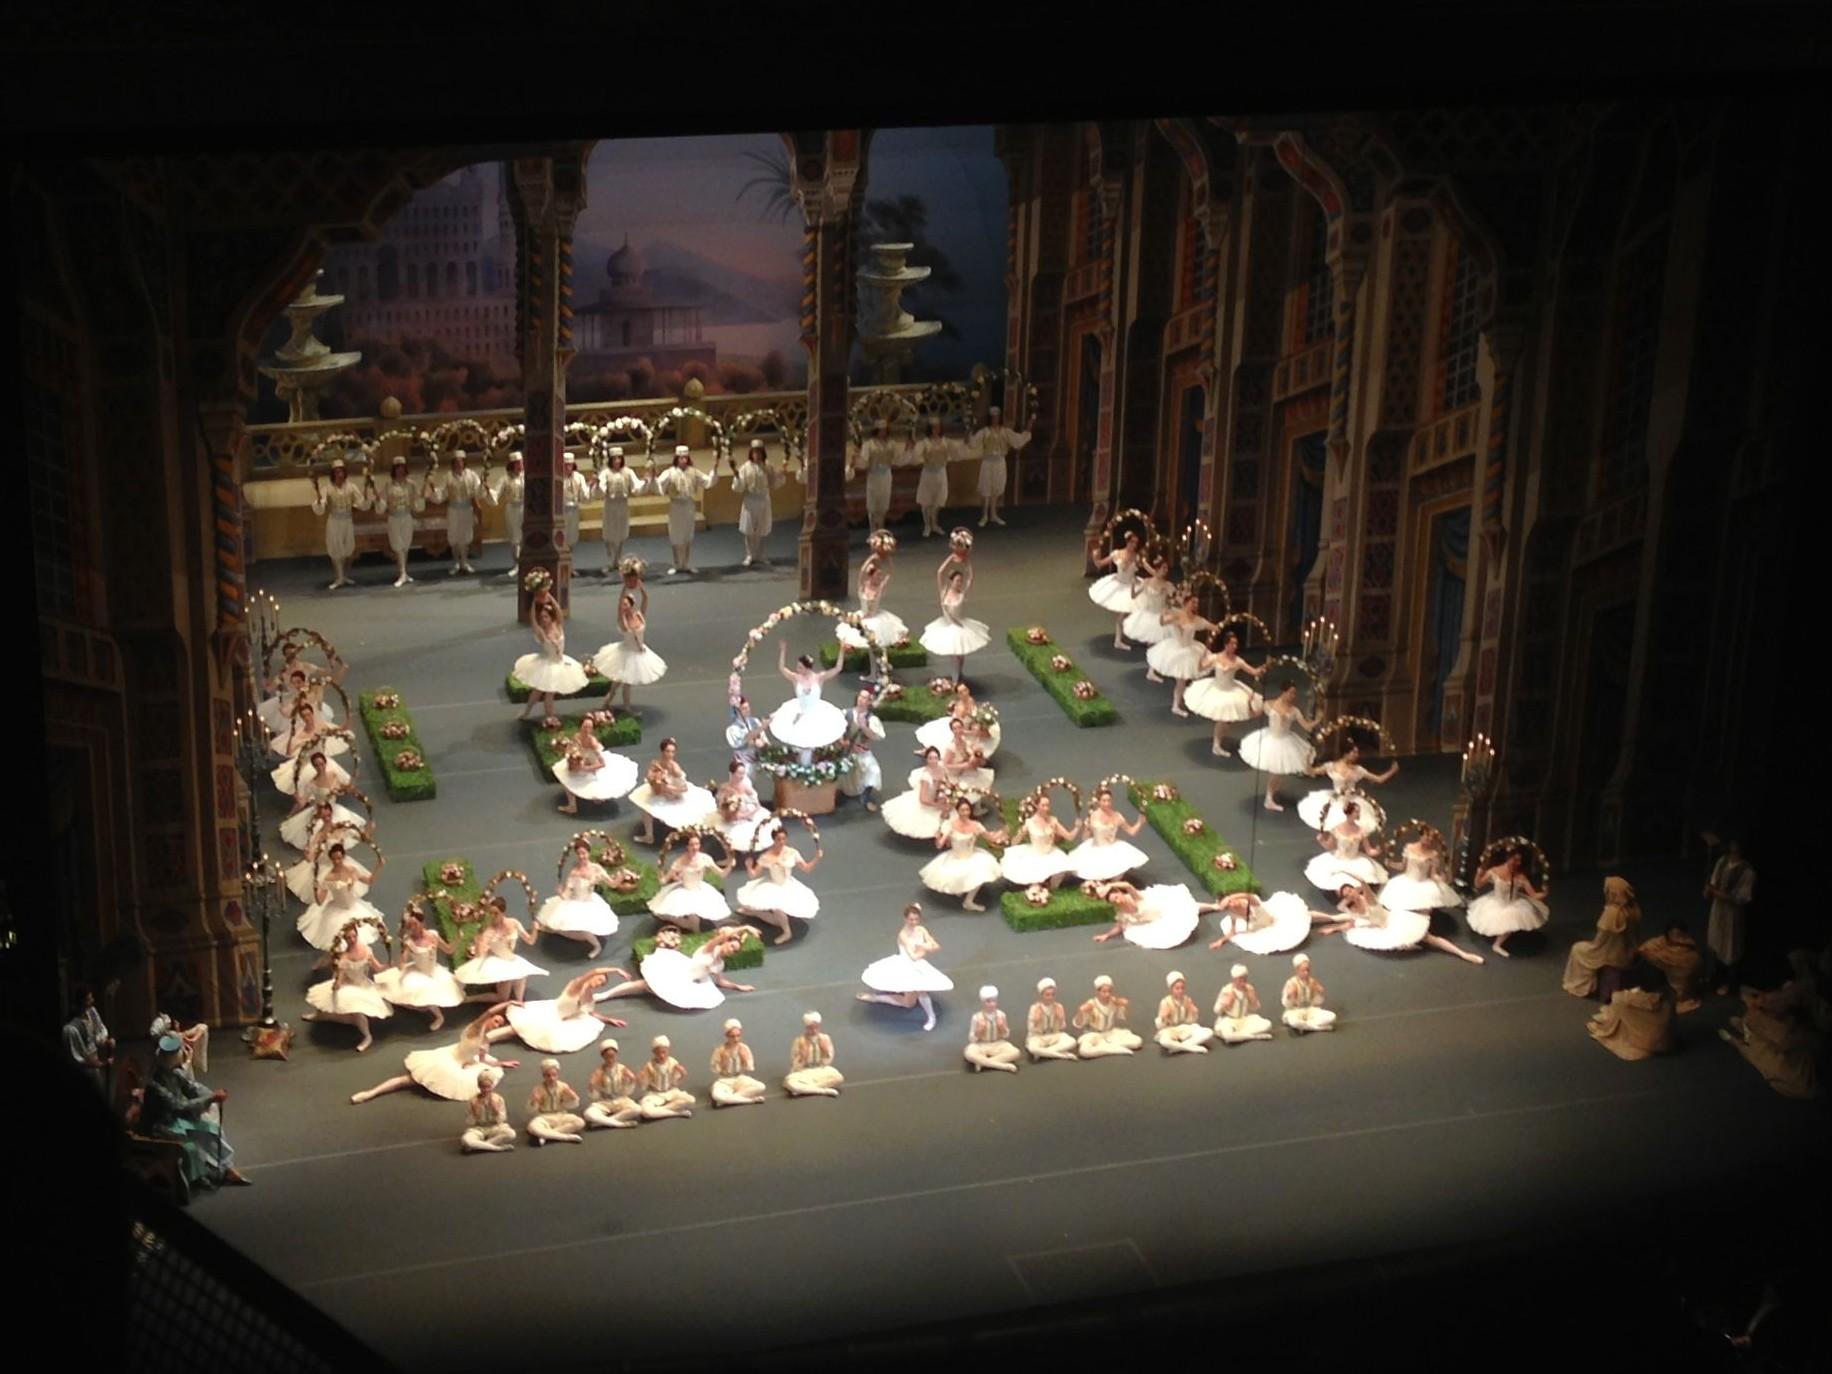 Tientallen dansers en danseressen op het podium